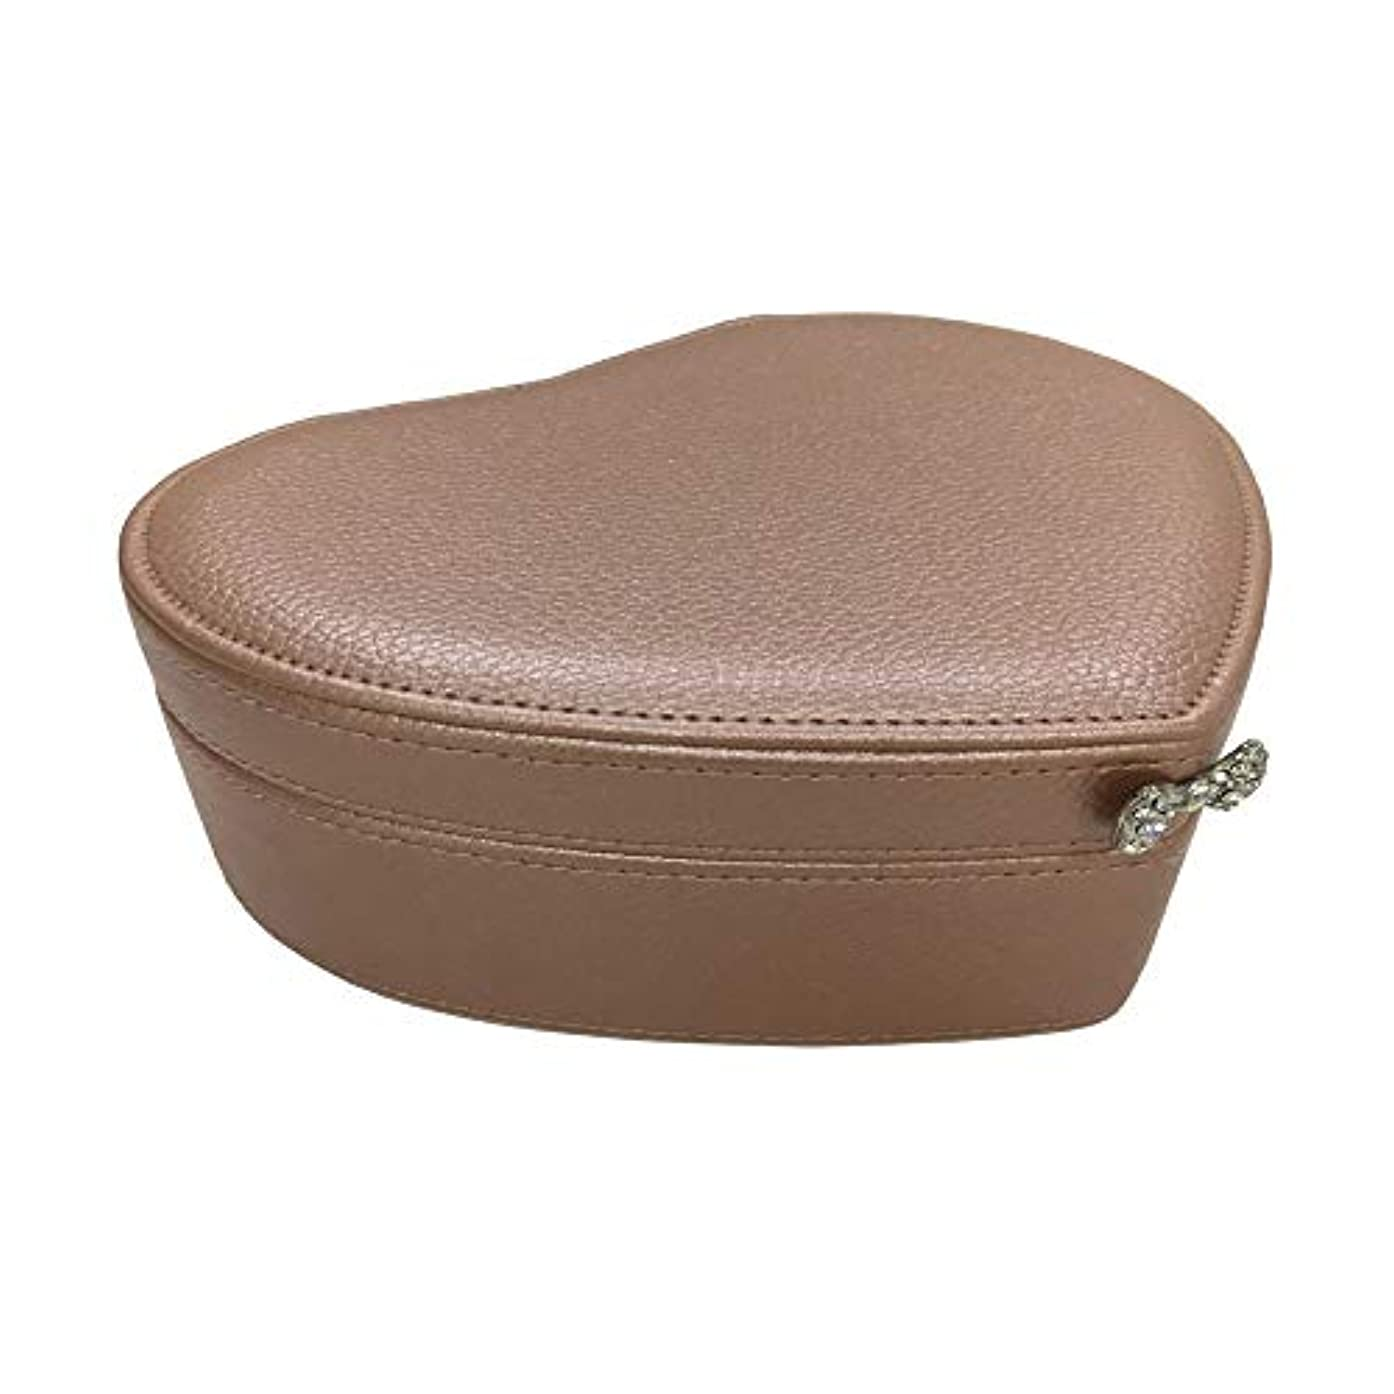 一握り震える注文化粧オーガナイザーバッグ 小さなアイテムのストレージのための丈夫な女性のジュエリーのストレージペーパーボックス 化粧品ケース (色 : 褐色)